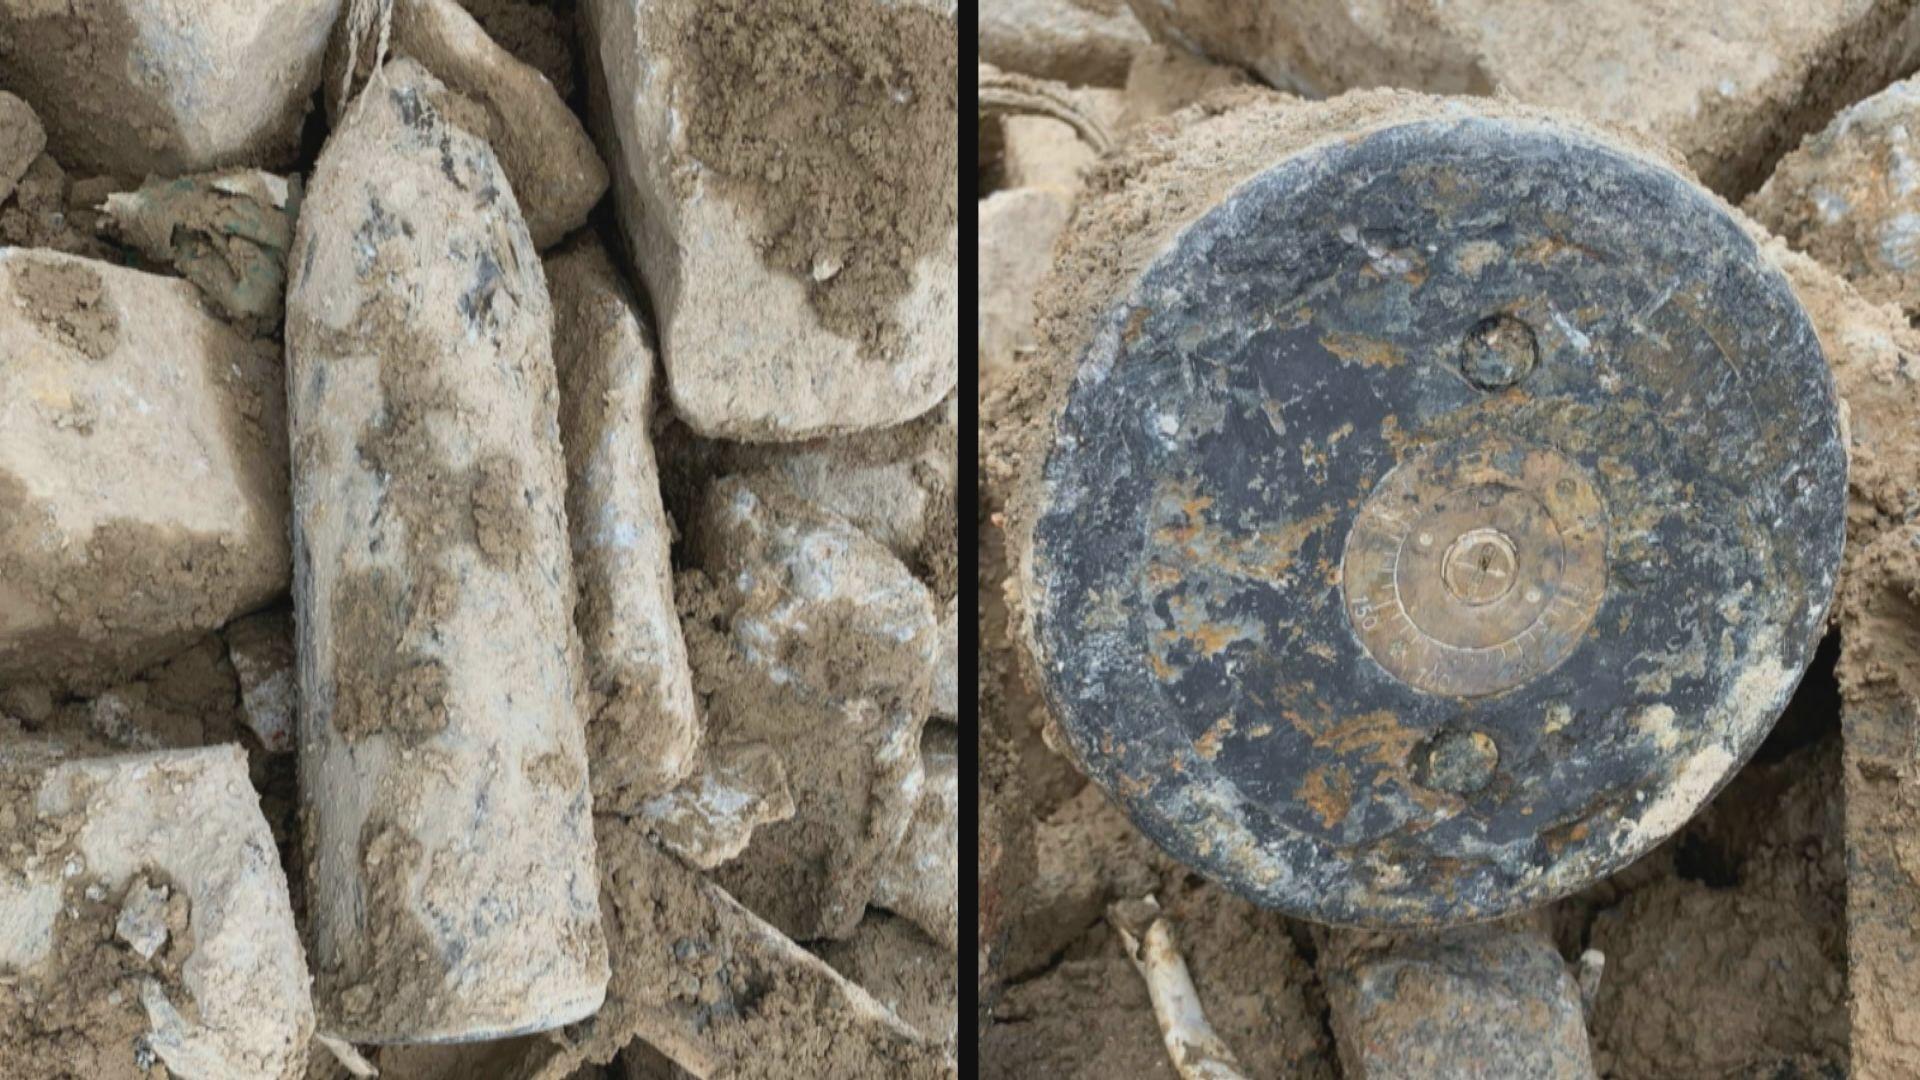 將軍澳堆填區發現懷疑戰時炸彈 爆炸品處理課專家到場檢查